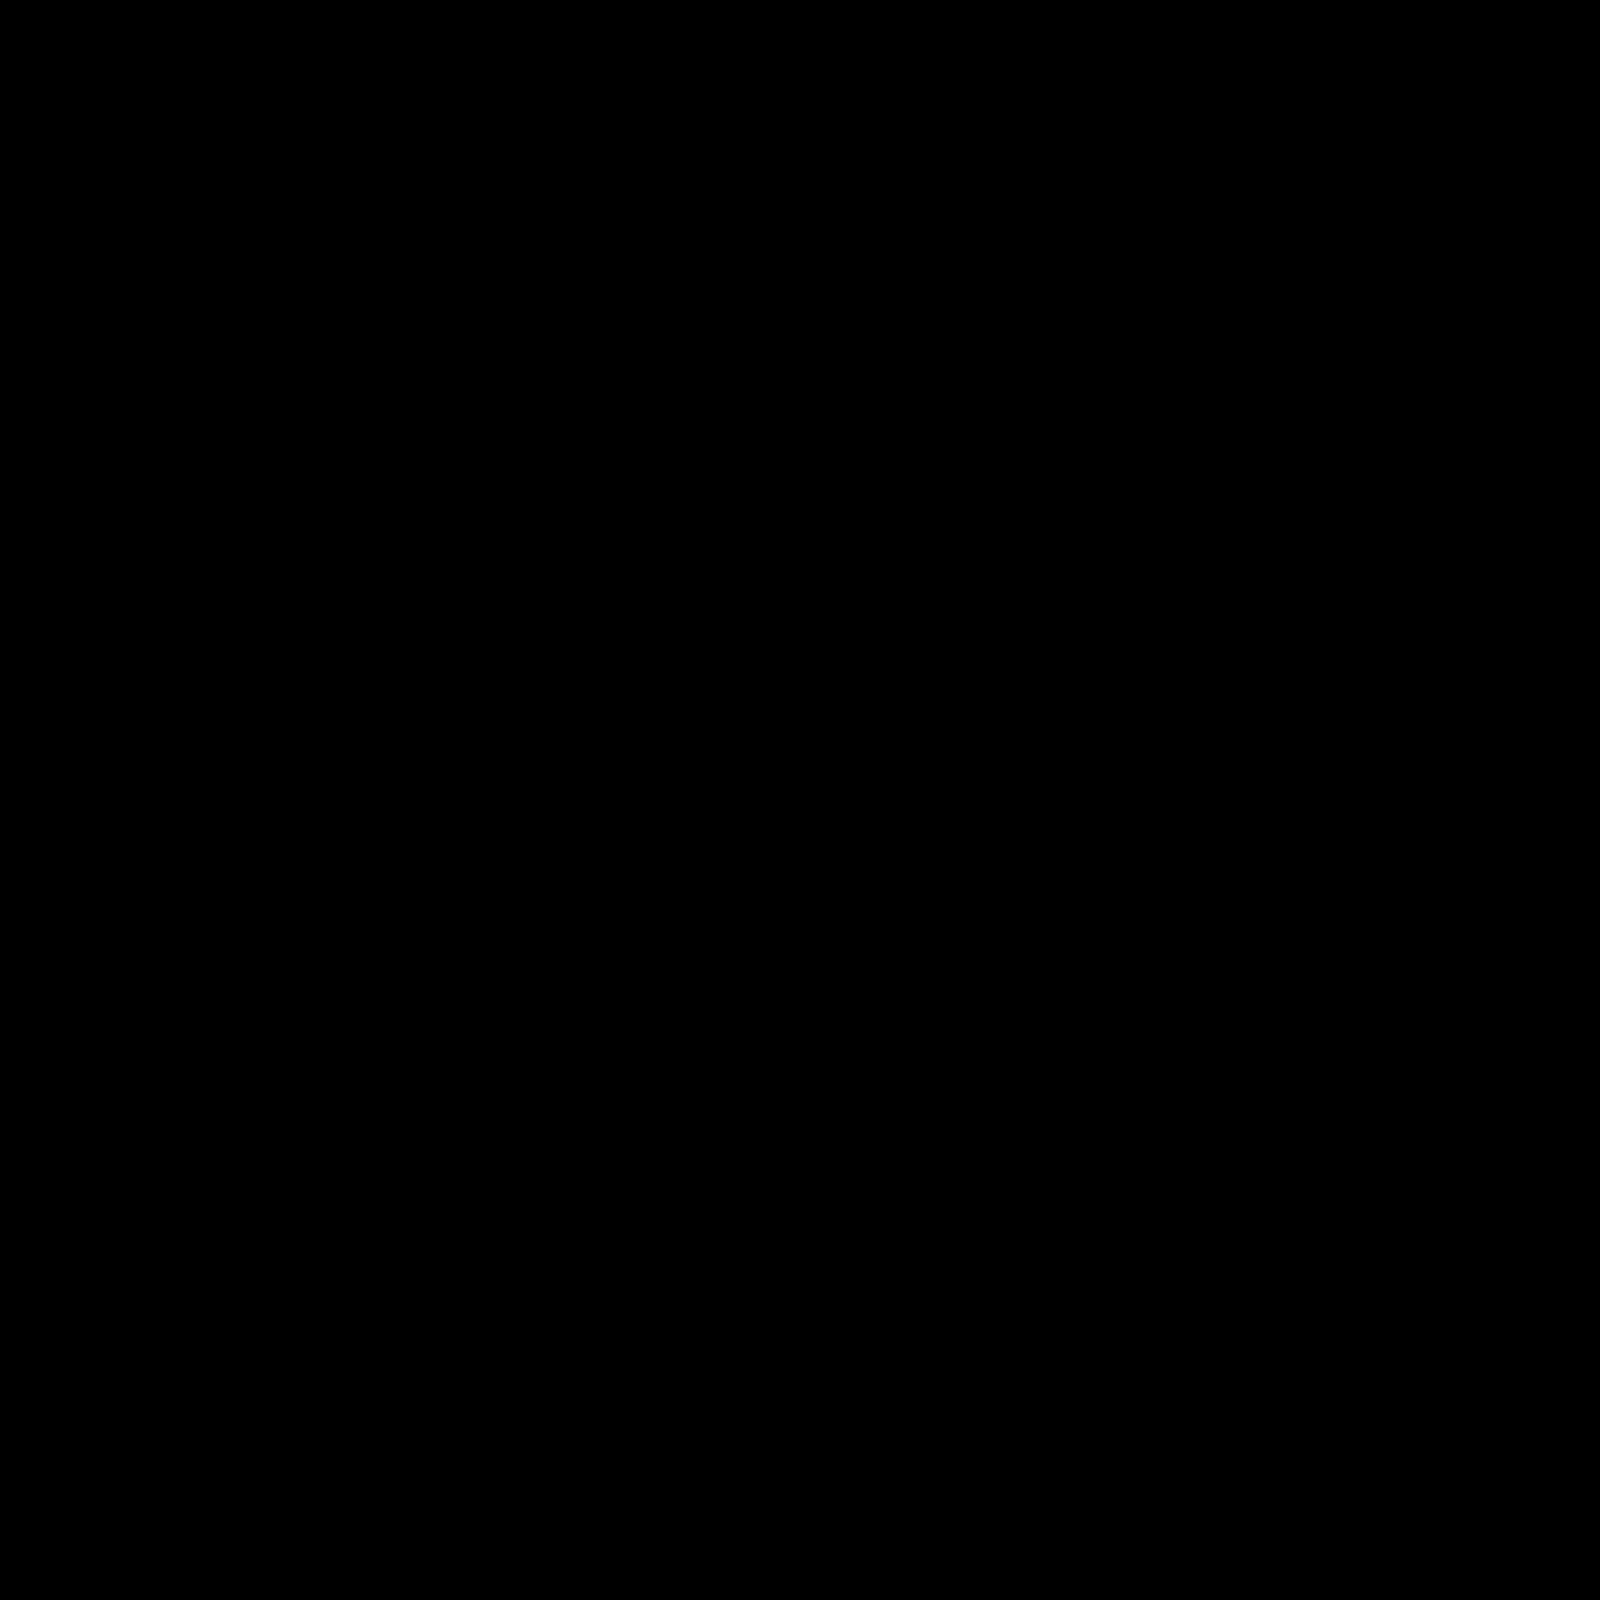 通讯簿 icon. This is a simple icon meant to represent an address book. It's a rectangle stood on end with rounded corners and the @ sign in the middle. The right hand side of the book is hatched with short lines to represent the rings that hold the pages inside the binder.